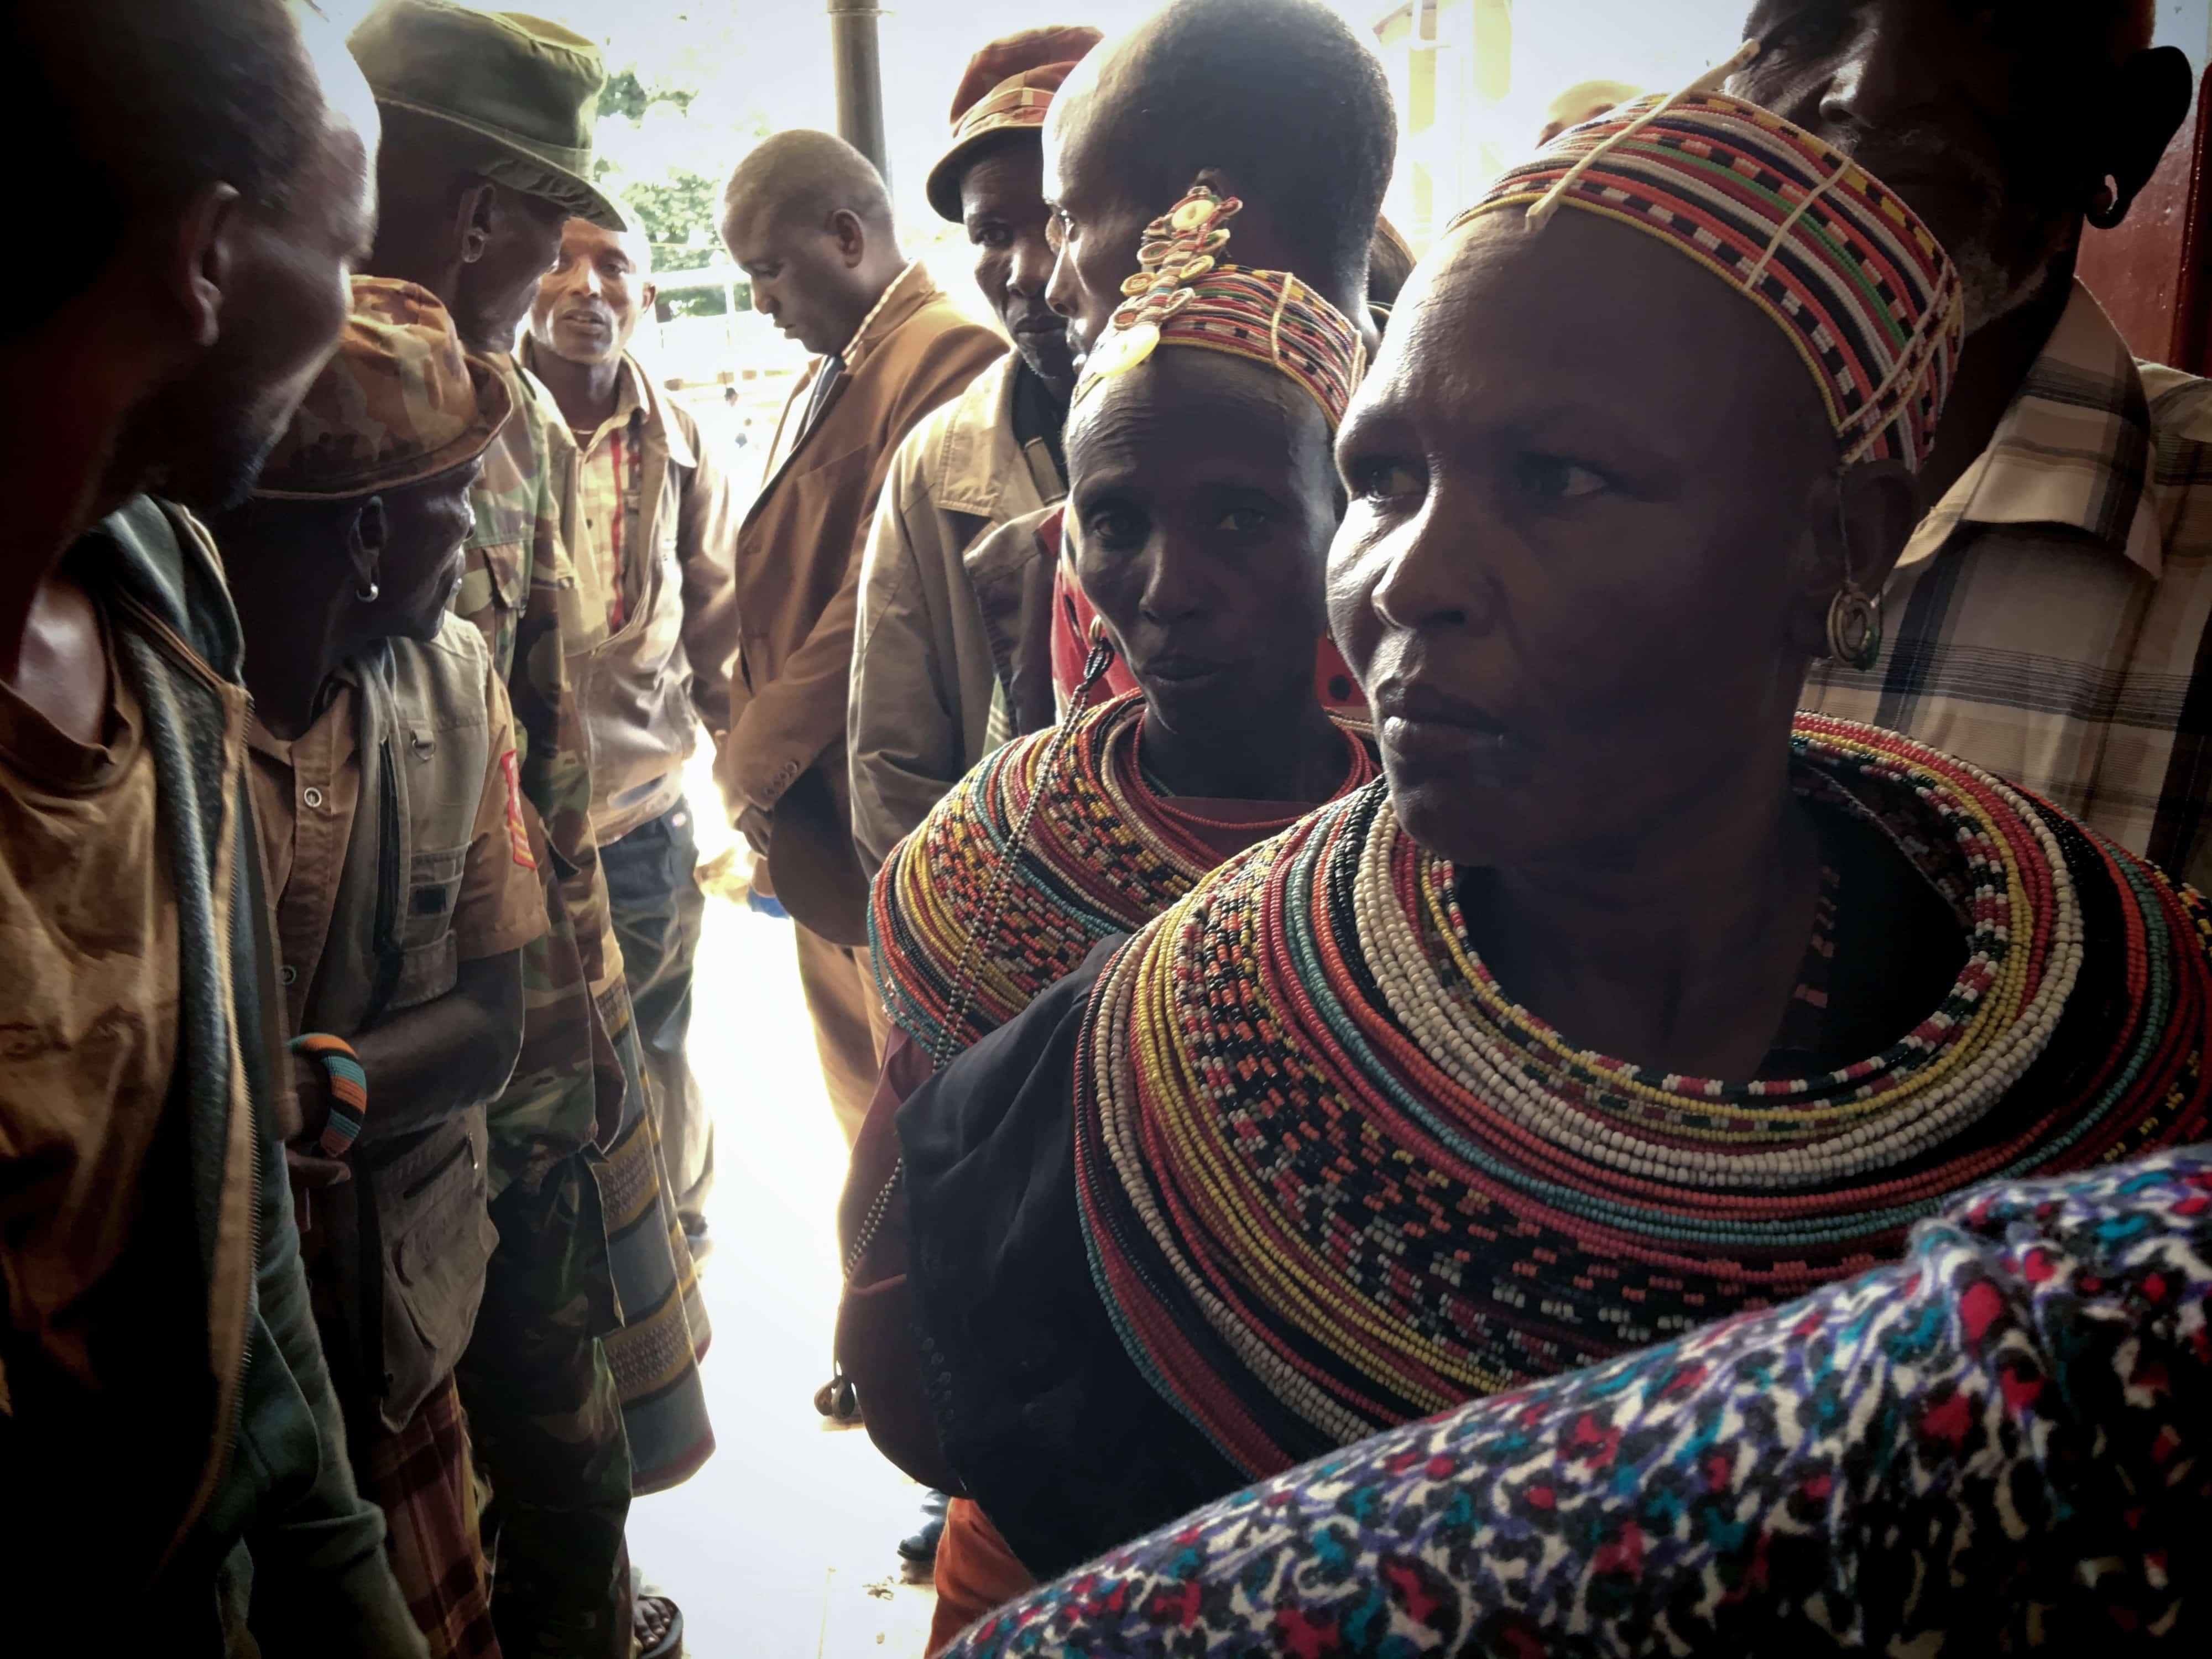 Kvinder fra Rendille-stammen følger med i retssagen i Meru. De har rejst i flere dage for at vise deres bekymring. Foto: Shafiur Rahman, Danwatch.